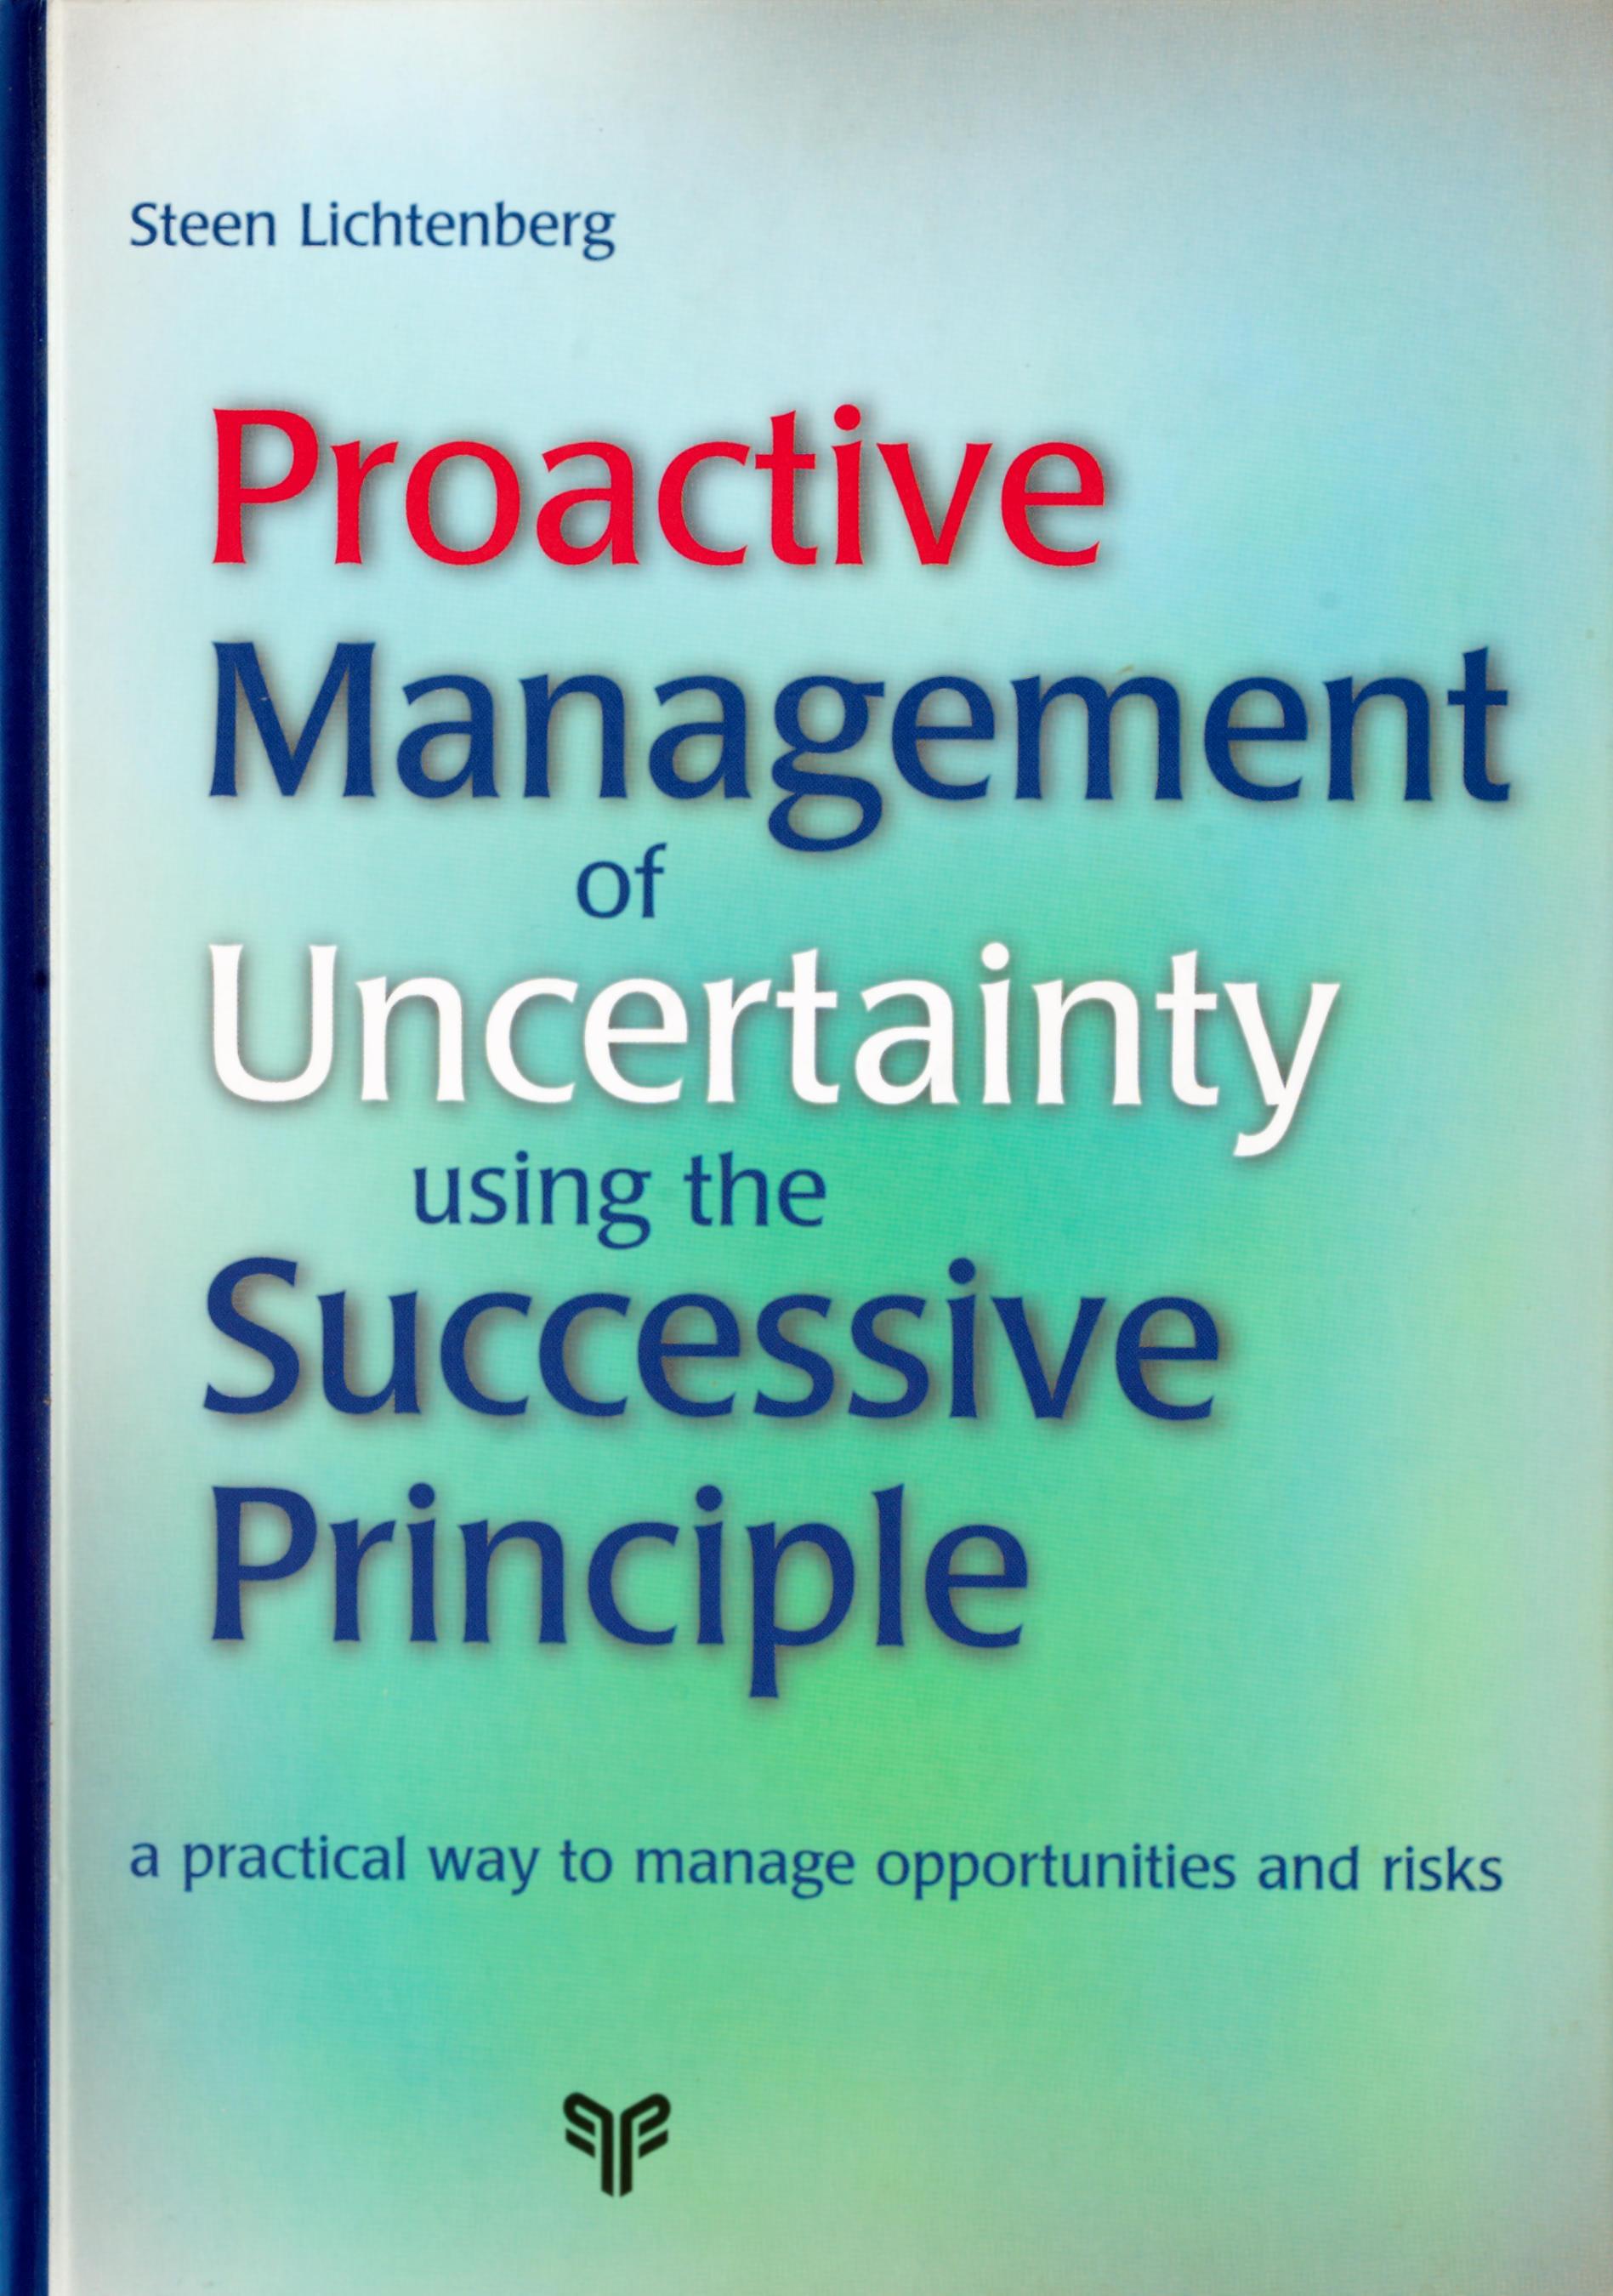 handbook on proactive management of uncertainty